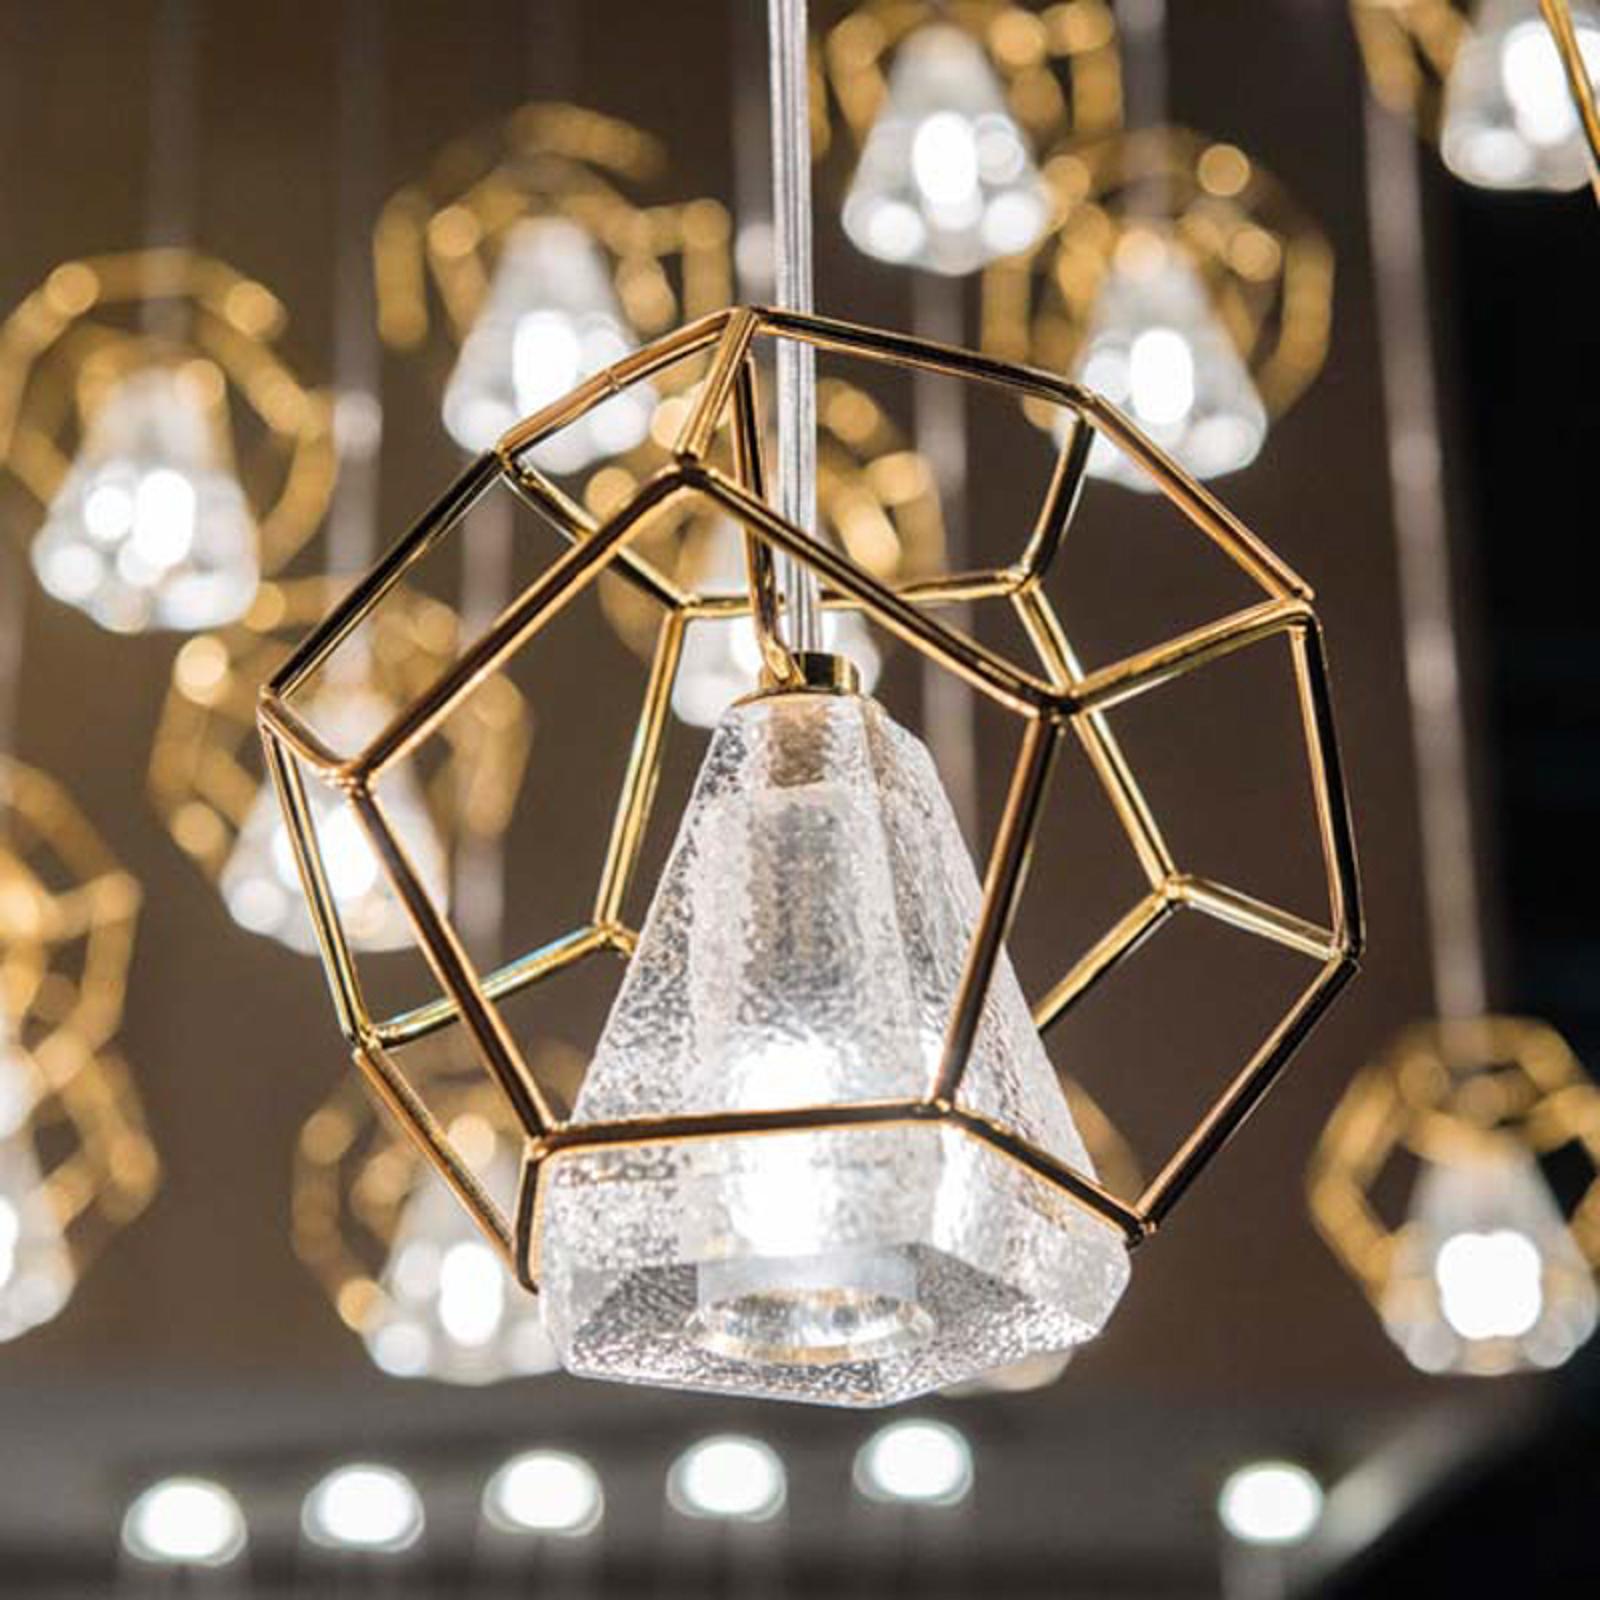 Incanto hængelampe, 24 kt guld, 1 lyskilde